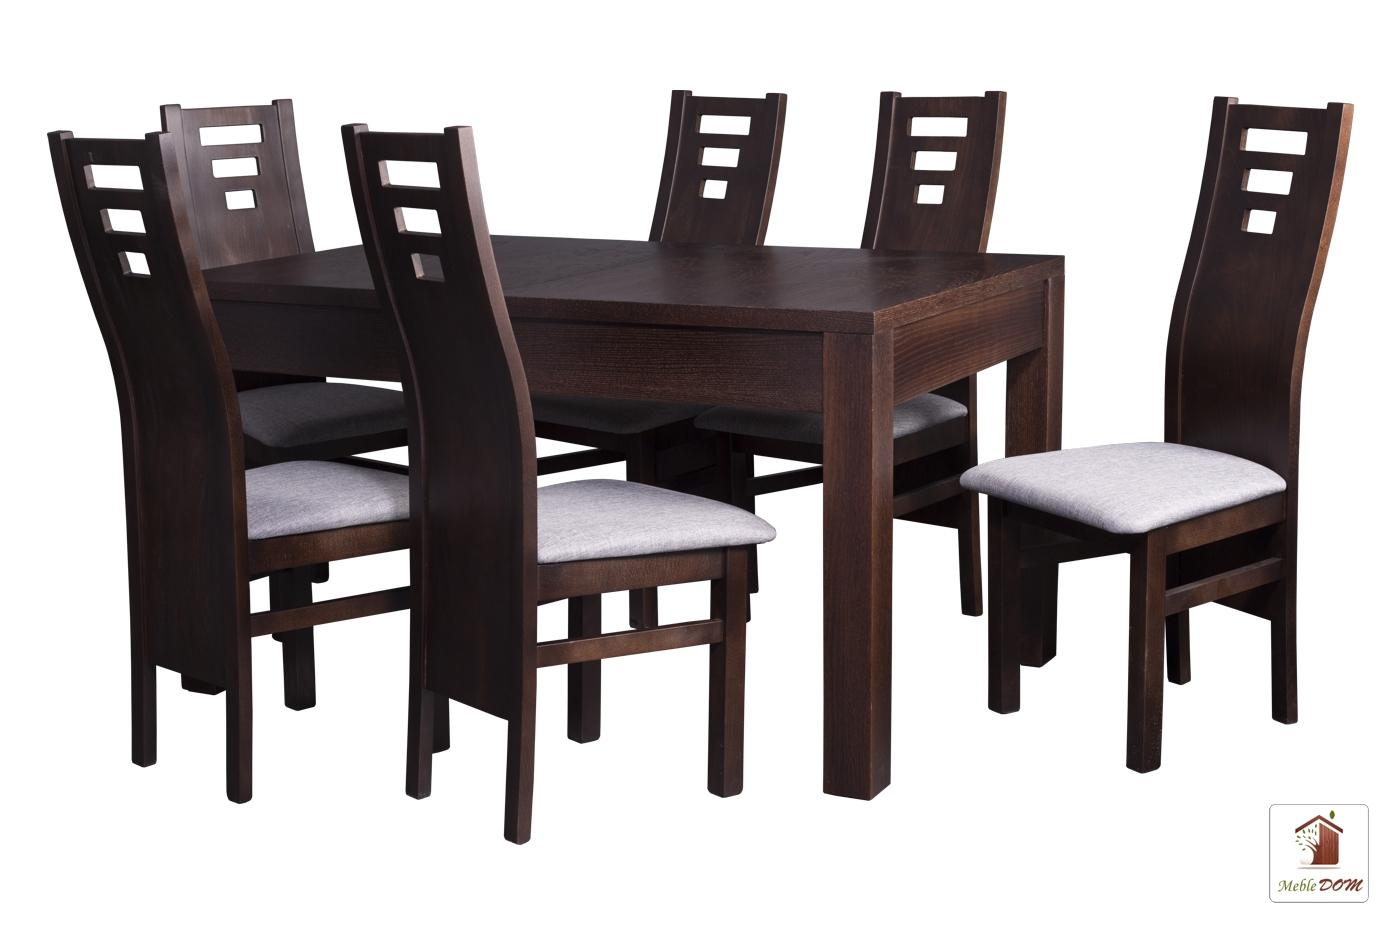 Prostokątny stół rozkładany Strong z krzesłami Design1 II